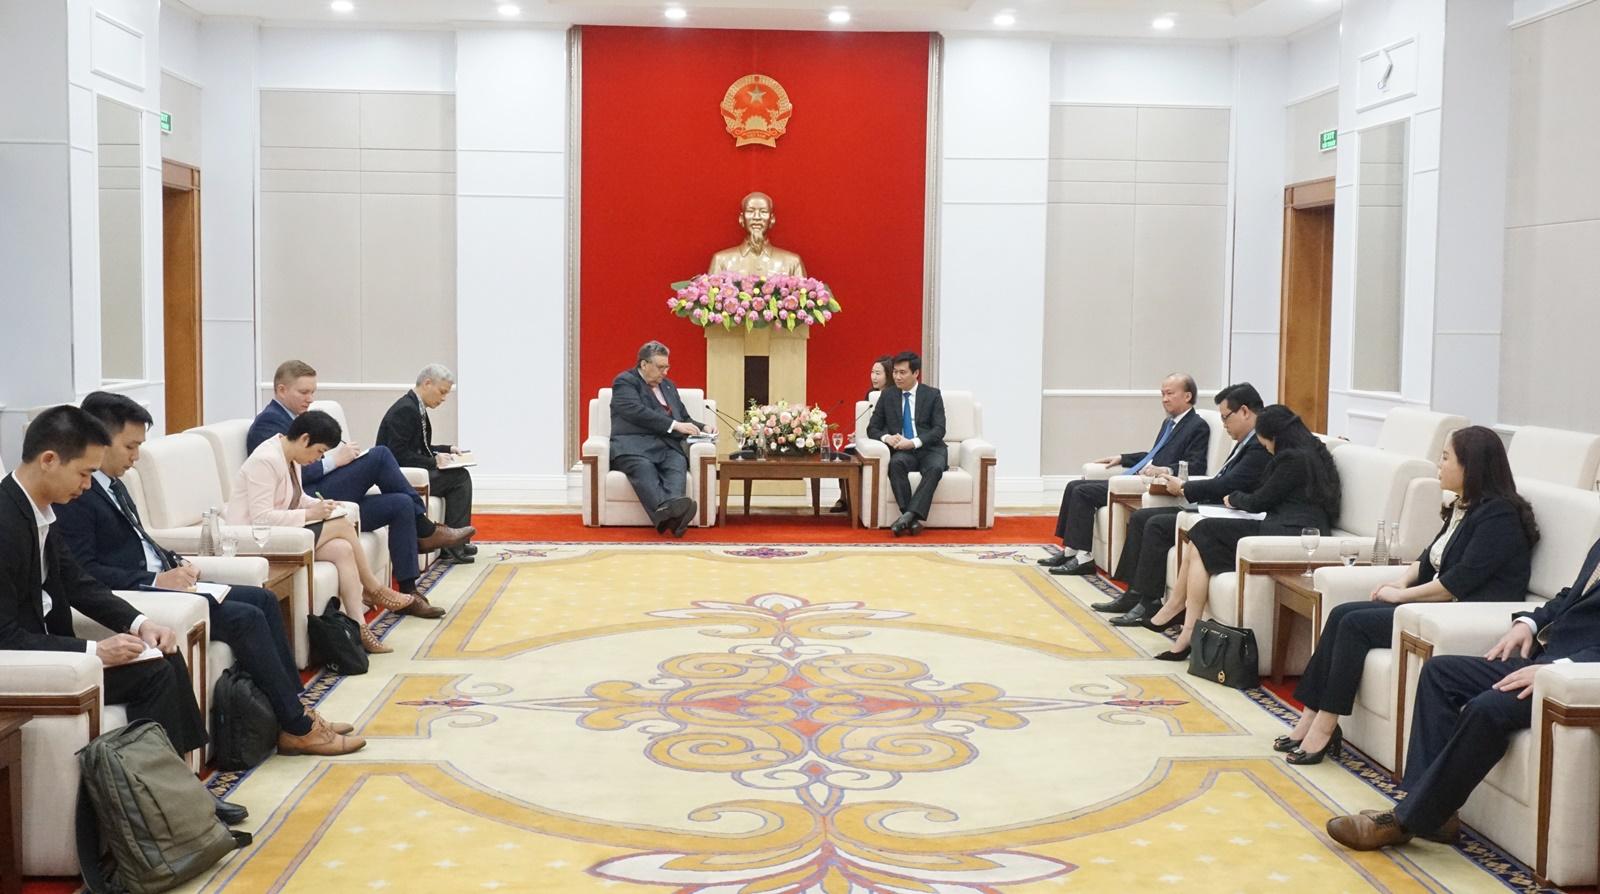 Quang cảnh buổi tiếp giữa lãnh đạo tỉnh Quảng Ninh với Đại sứ Phần Lan.